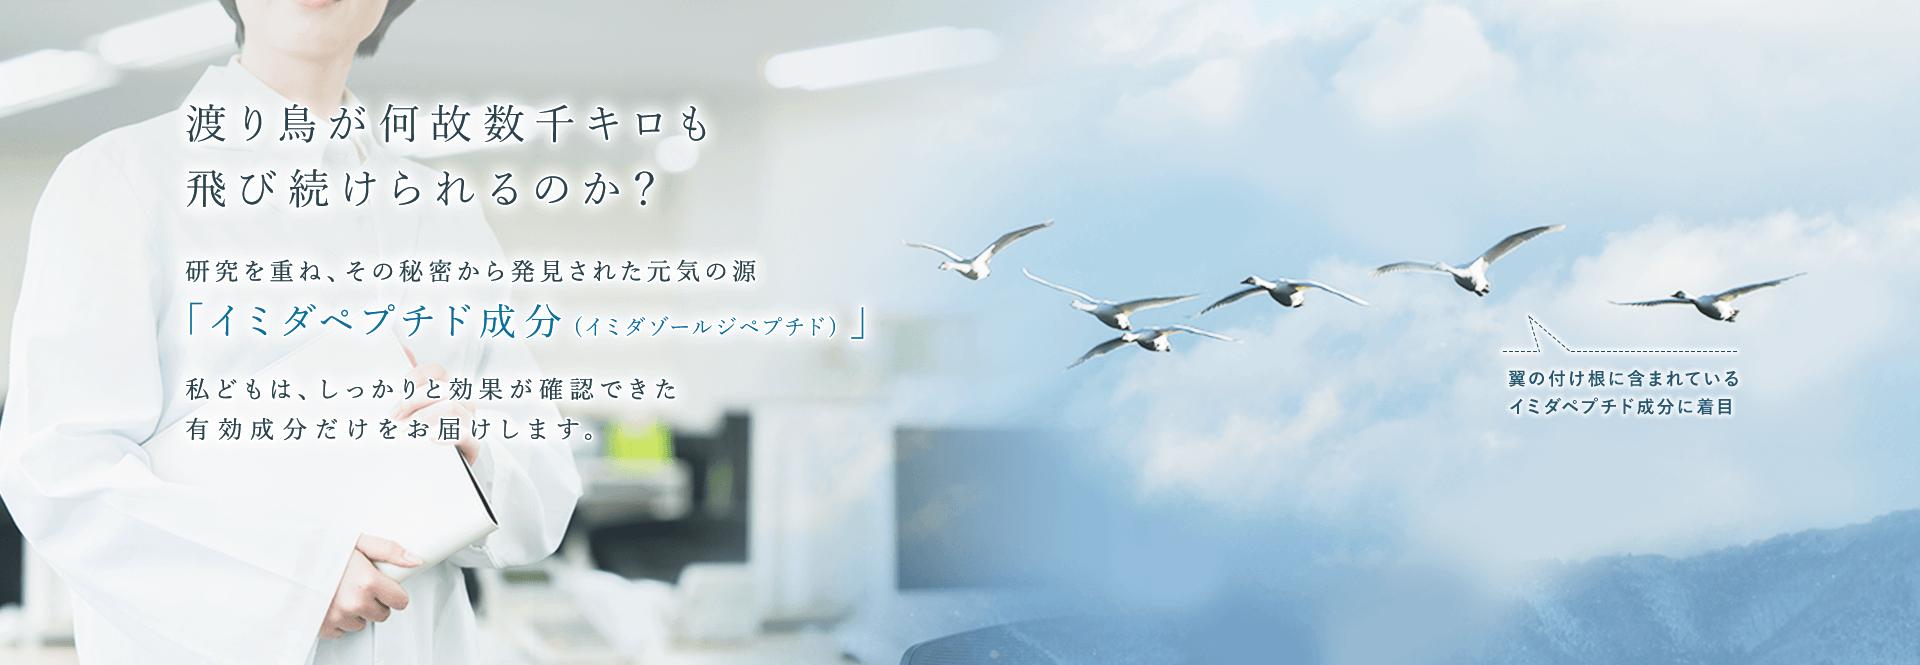 日本予防医薬株式会社 渡り鳥が何故数千キロも飛び続けられるのか?研究を重ね、その秘密から発見された元気の源「イミダペプチド成分(イミダゾールジペプチド)」私どもは、しっかりと効果が確認できた有効成分だけをお届けします。翼の付け根に含まれているイミダペプチド成分(イミダゾールジペプチド)に着目